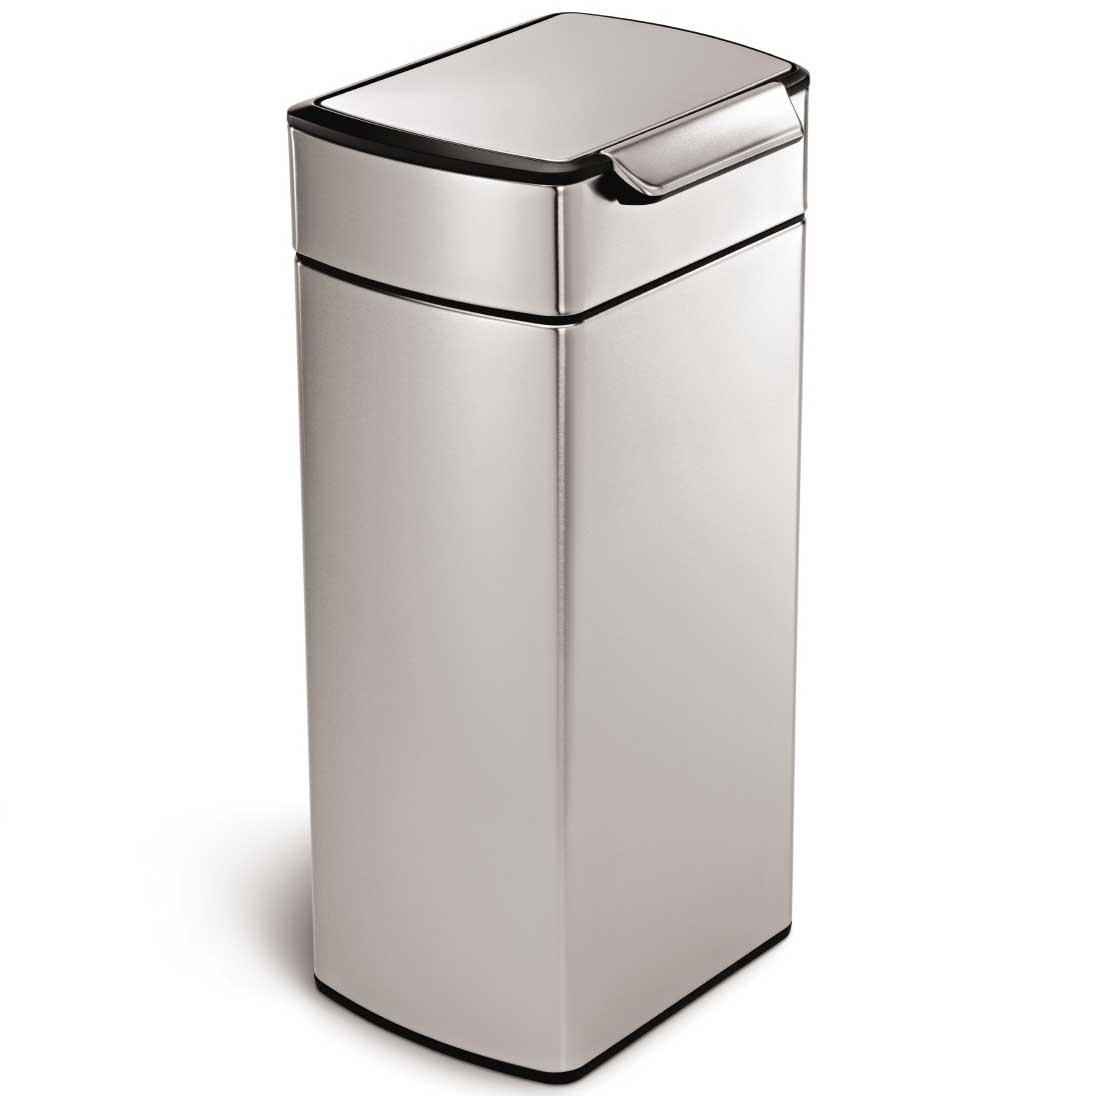 simplehuman ゴミ箱 タッチバーカン ふた付き ダストボックス ごみ箱 シンプルヒューマン 正規品 メーカー保証付き CW2015 レクタンギュラー 角型30L